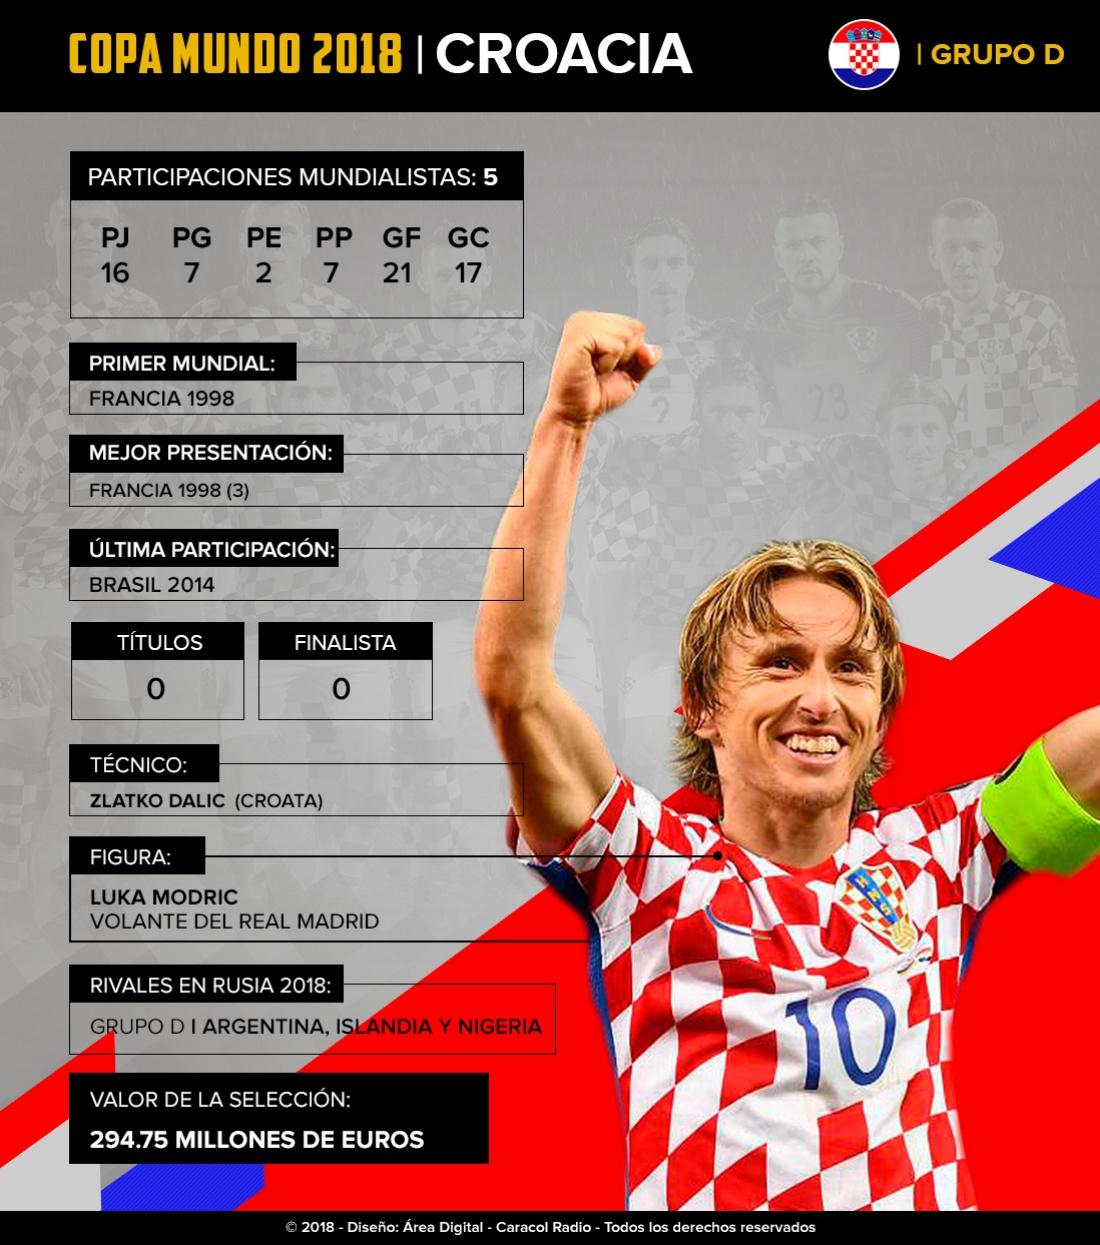 Mundial 2018: Croacia: Con Modric cómo figura, buscarán repetir lo hecho en Francia 98